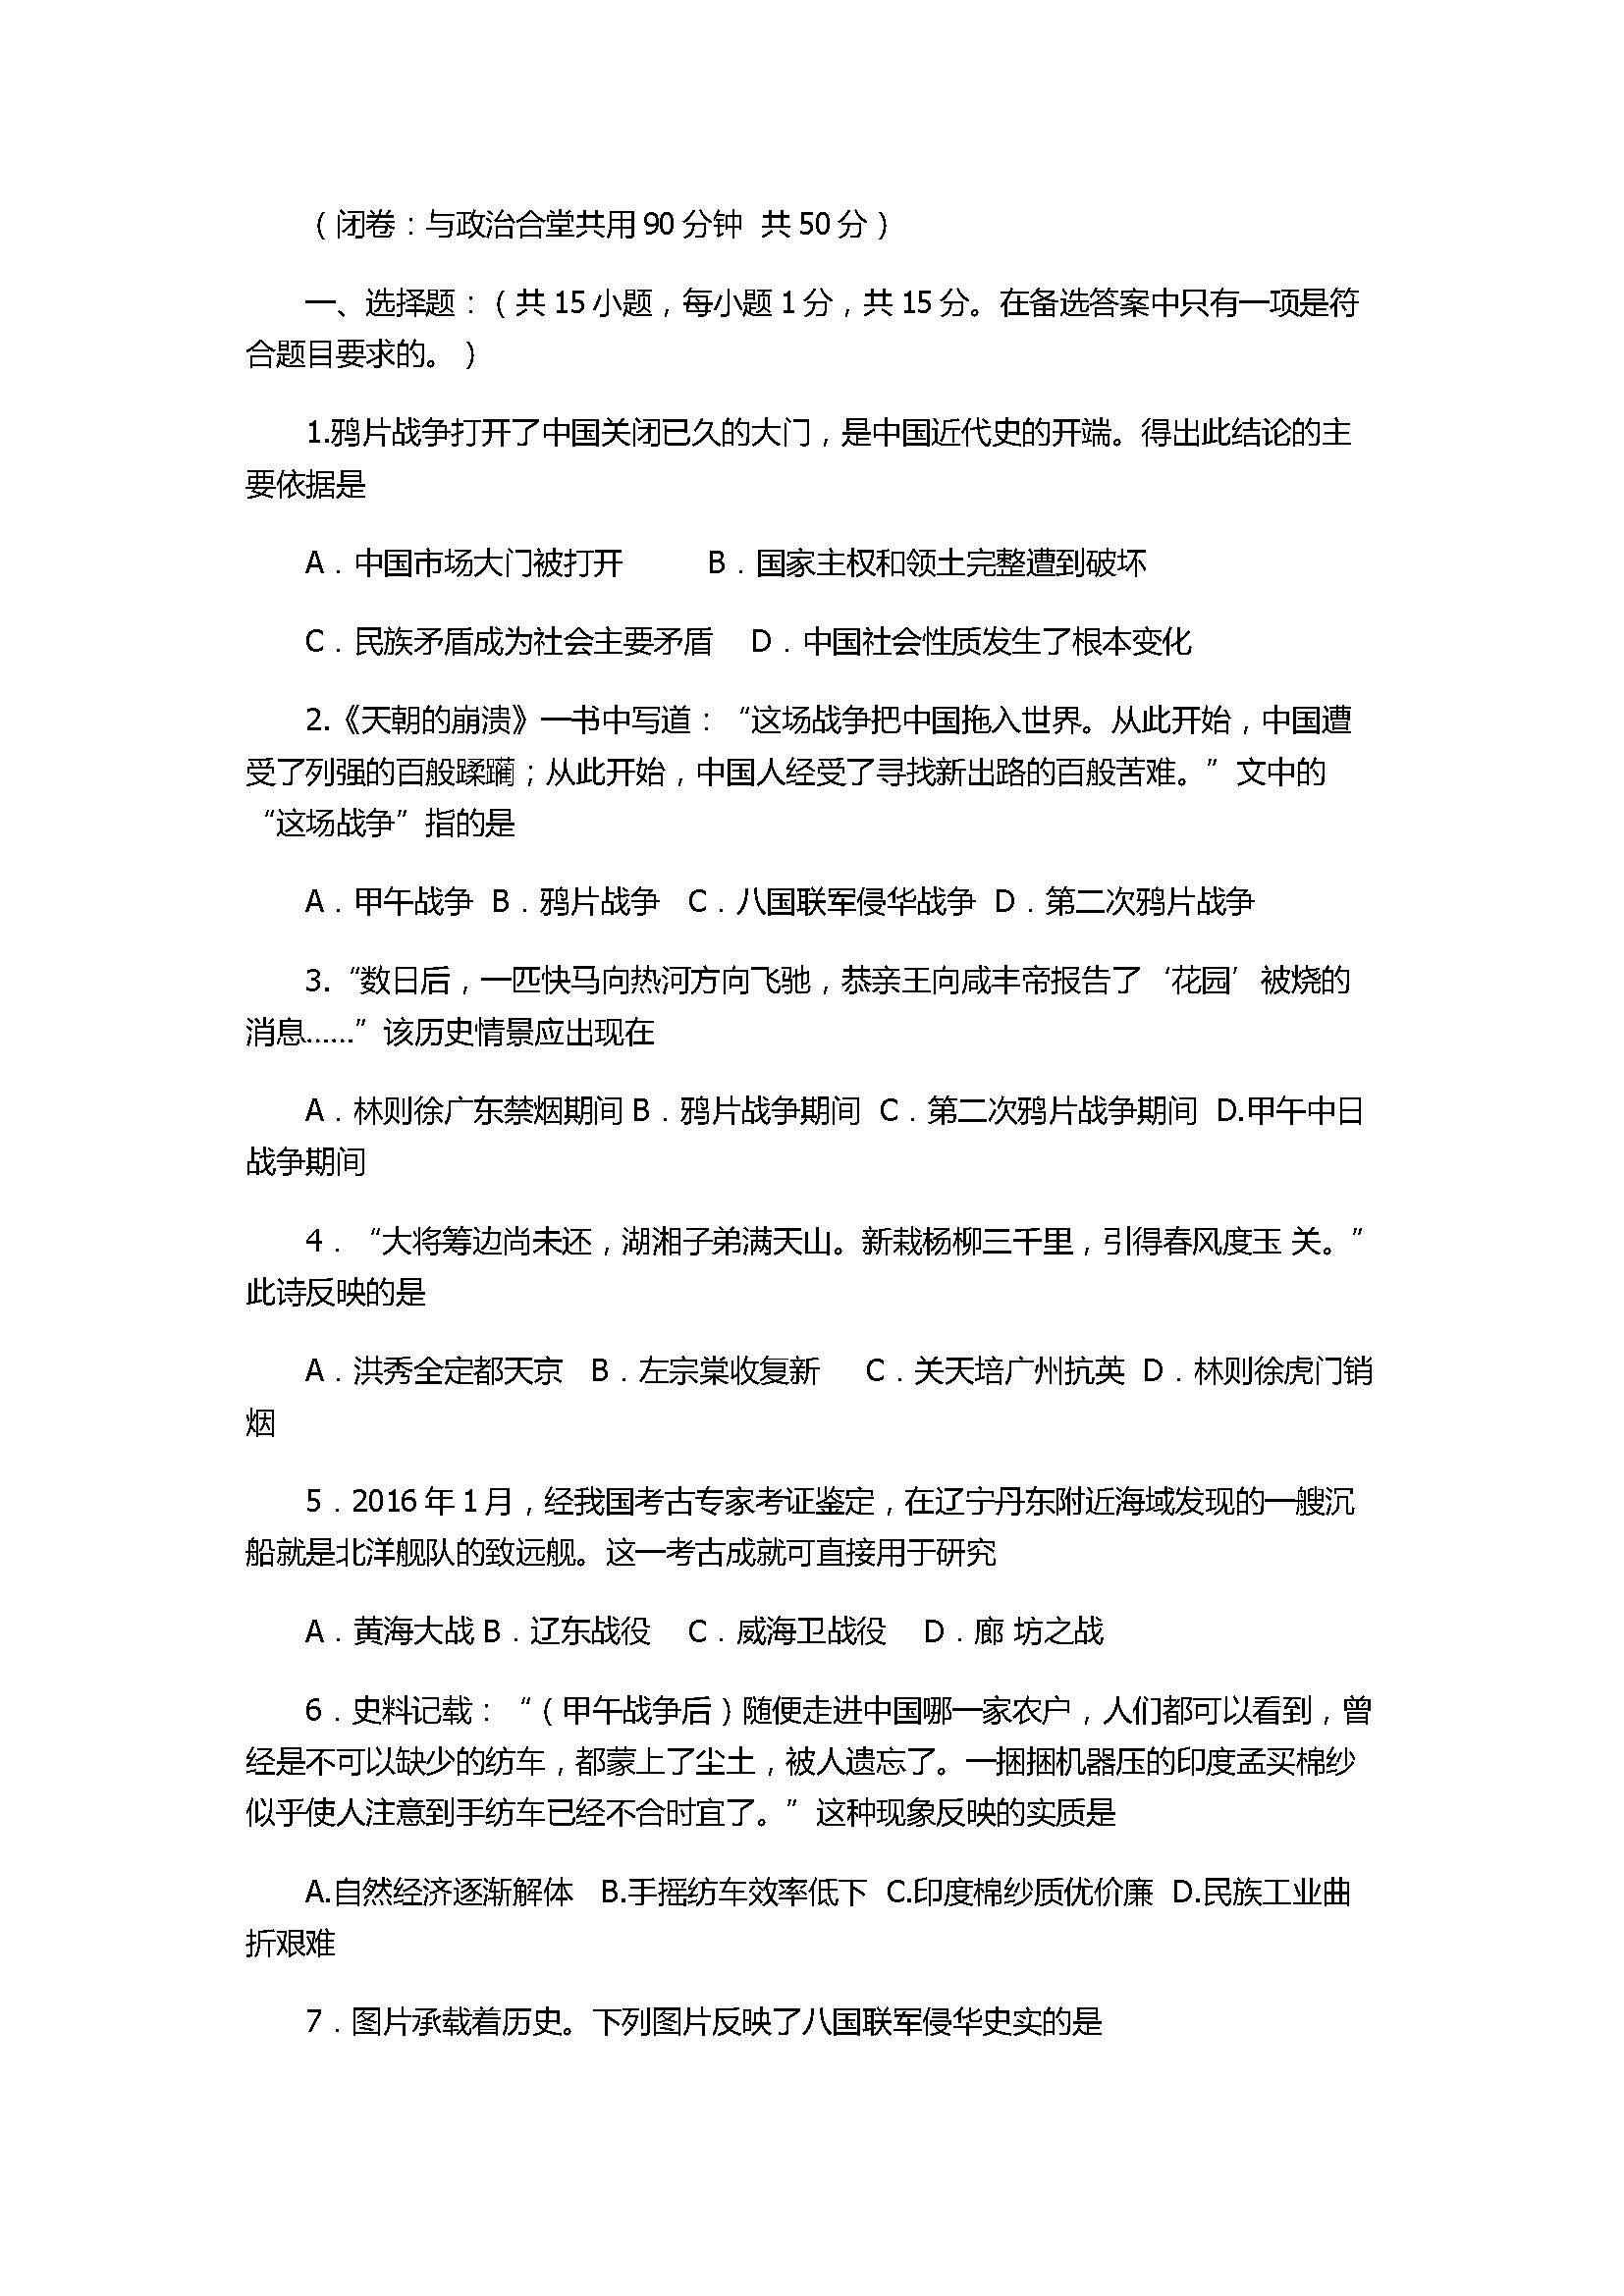 2017八年级历史期中试题含参考答案(江津地区)